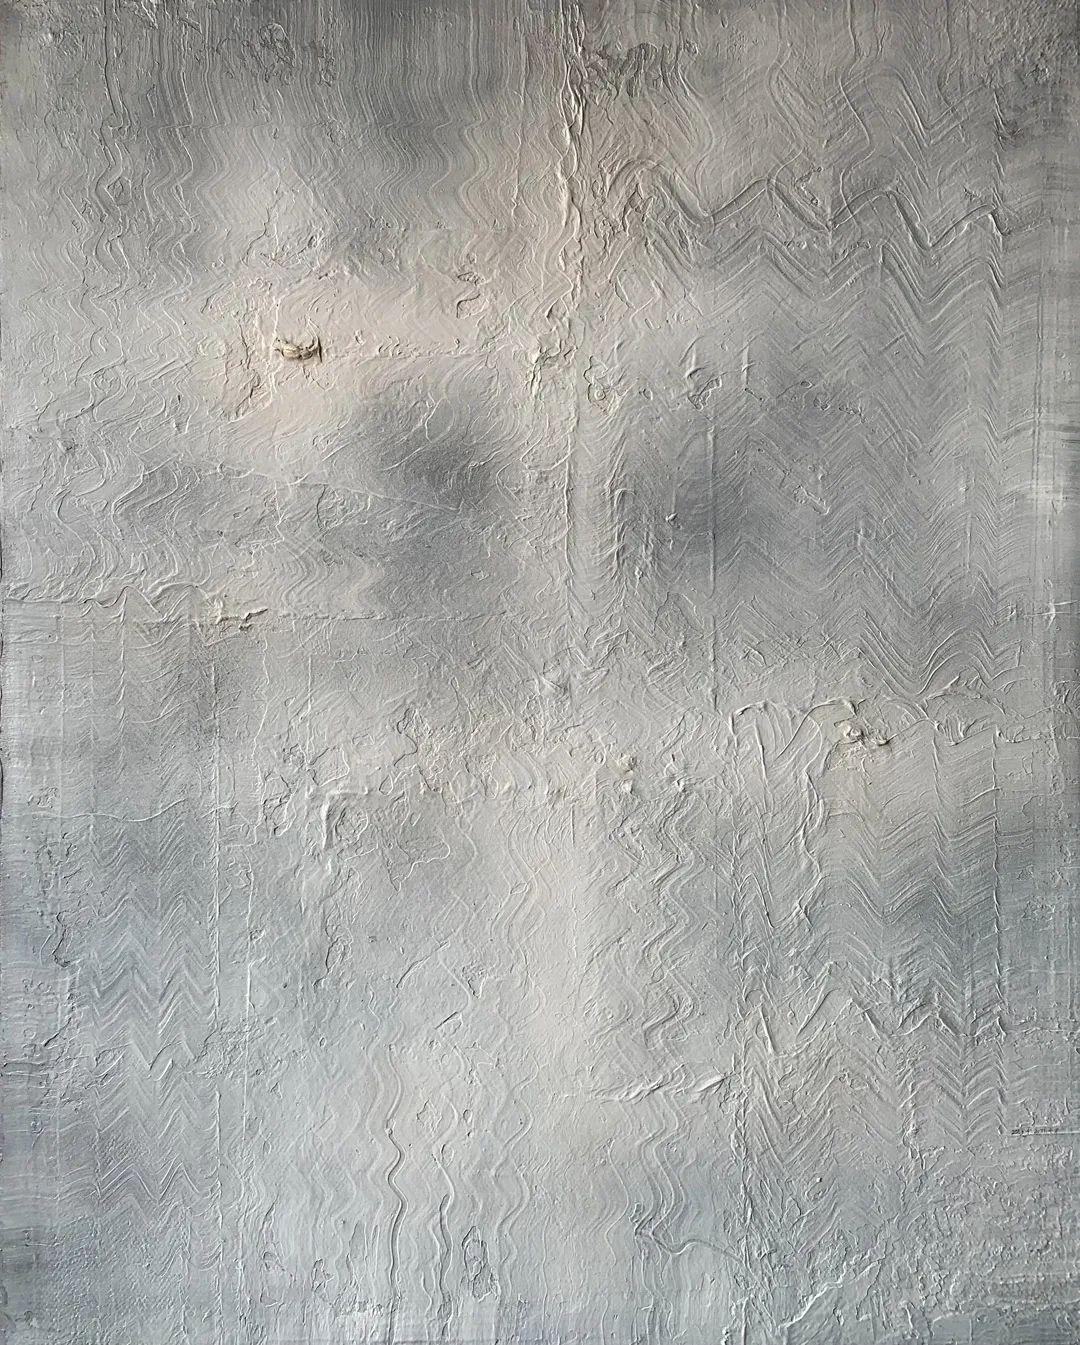 中国当代绘画艺术展作品欣赏之 张玉峰插图15